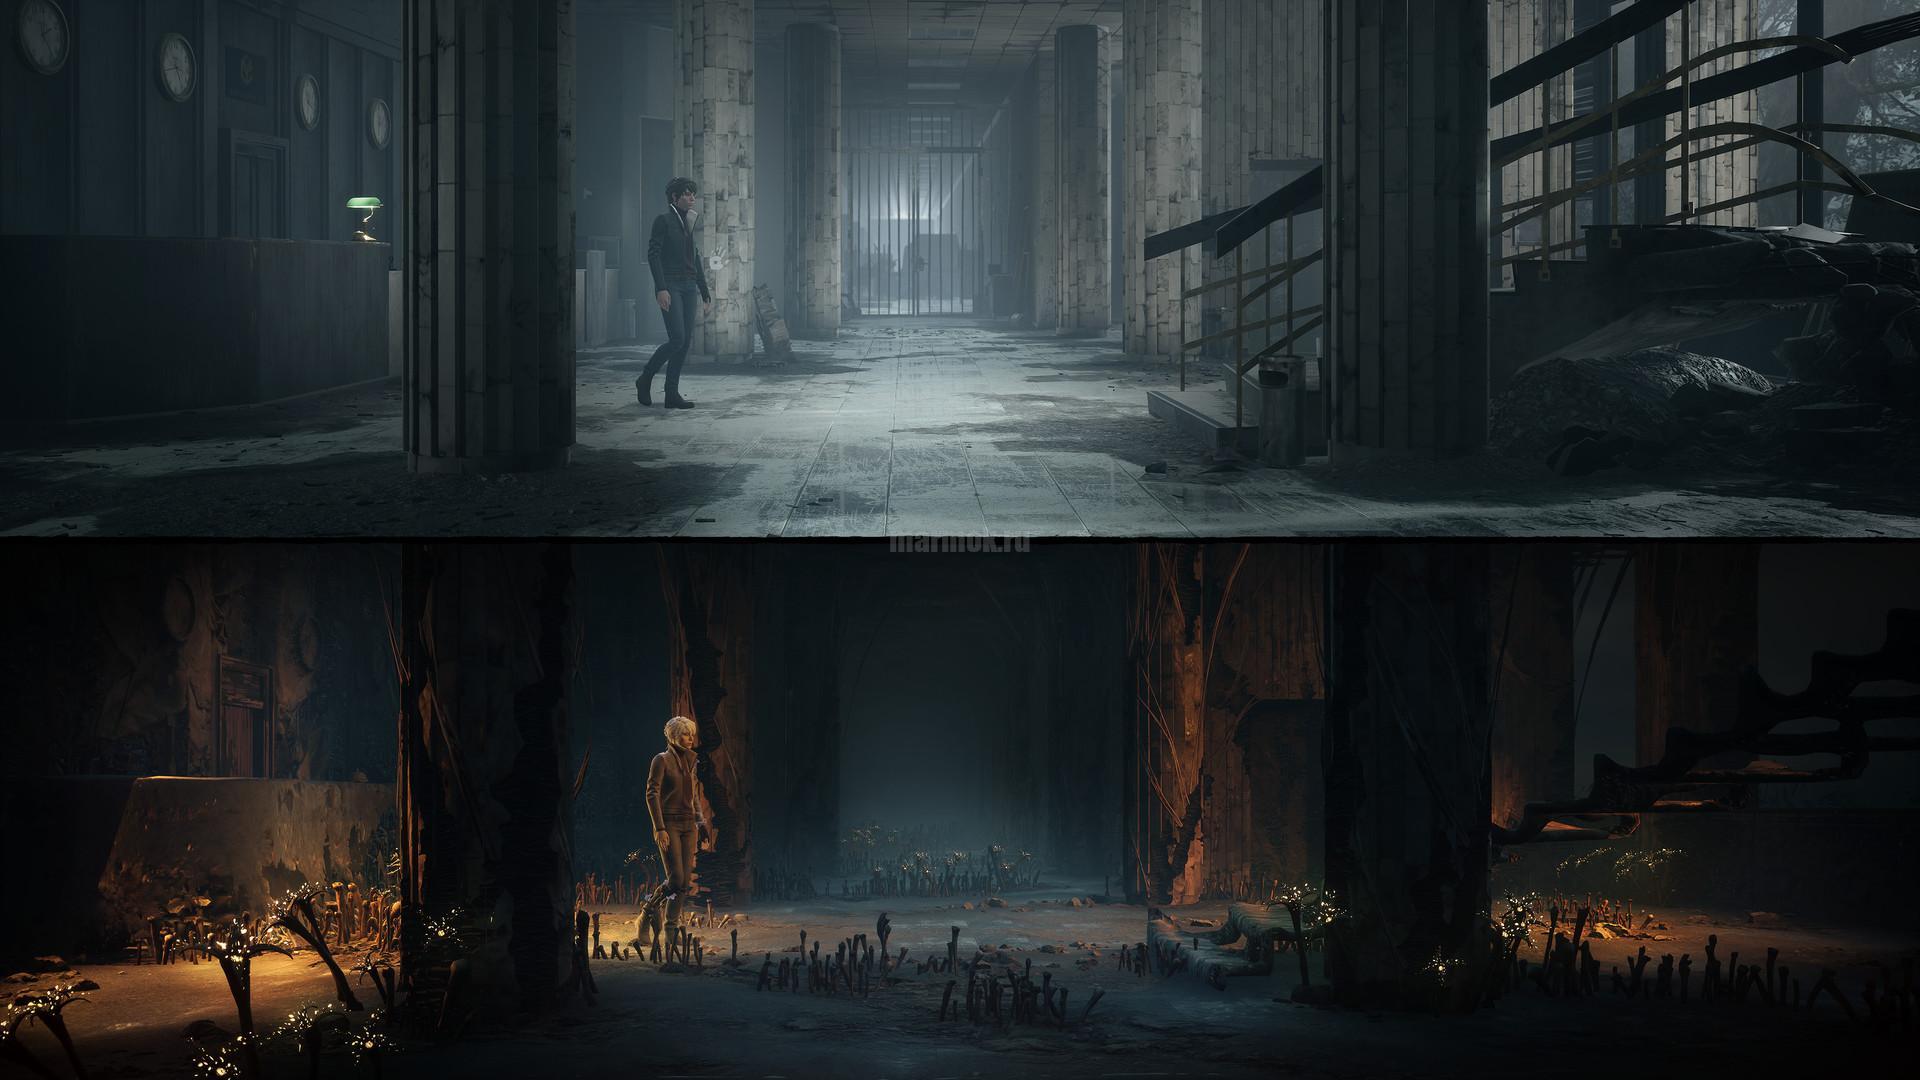 Скриншот из игры The Medium